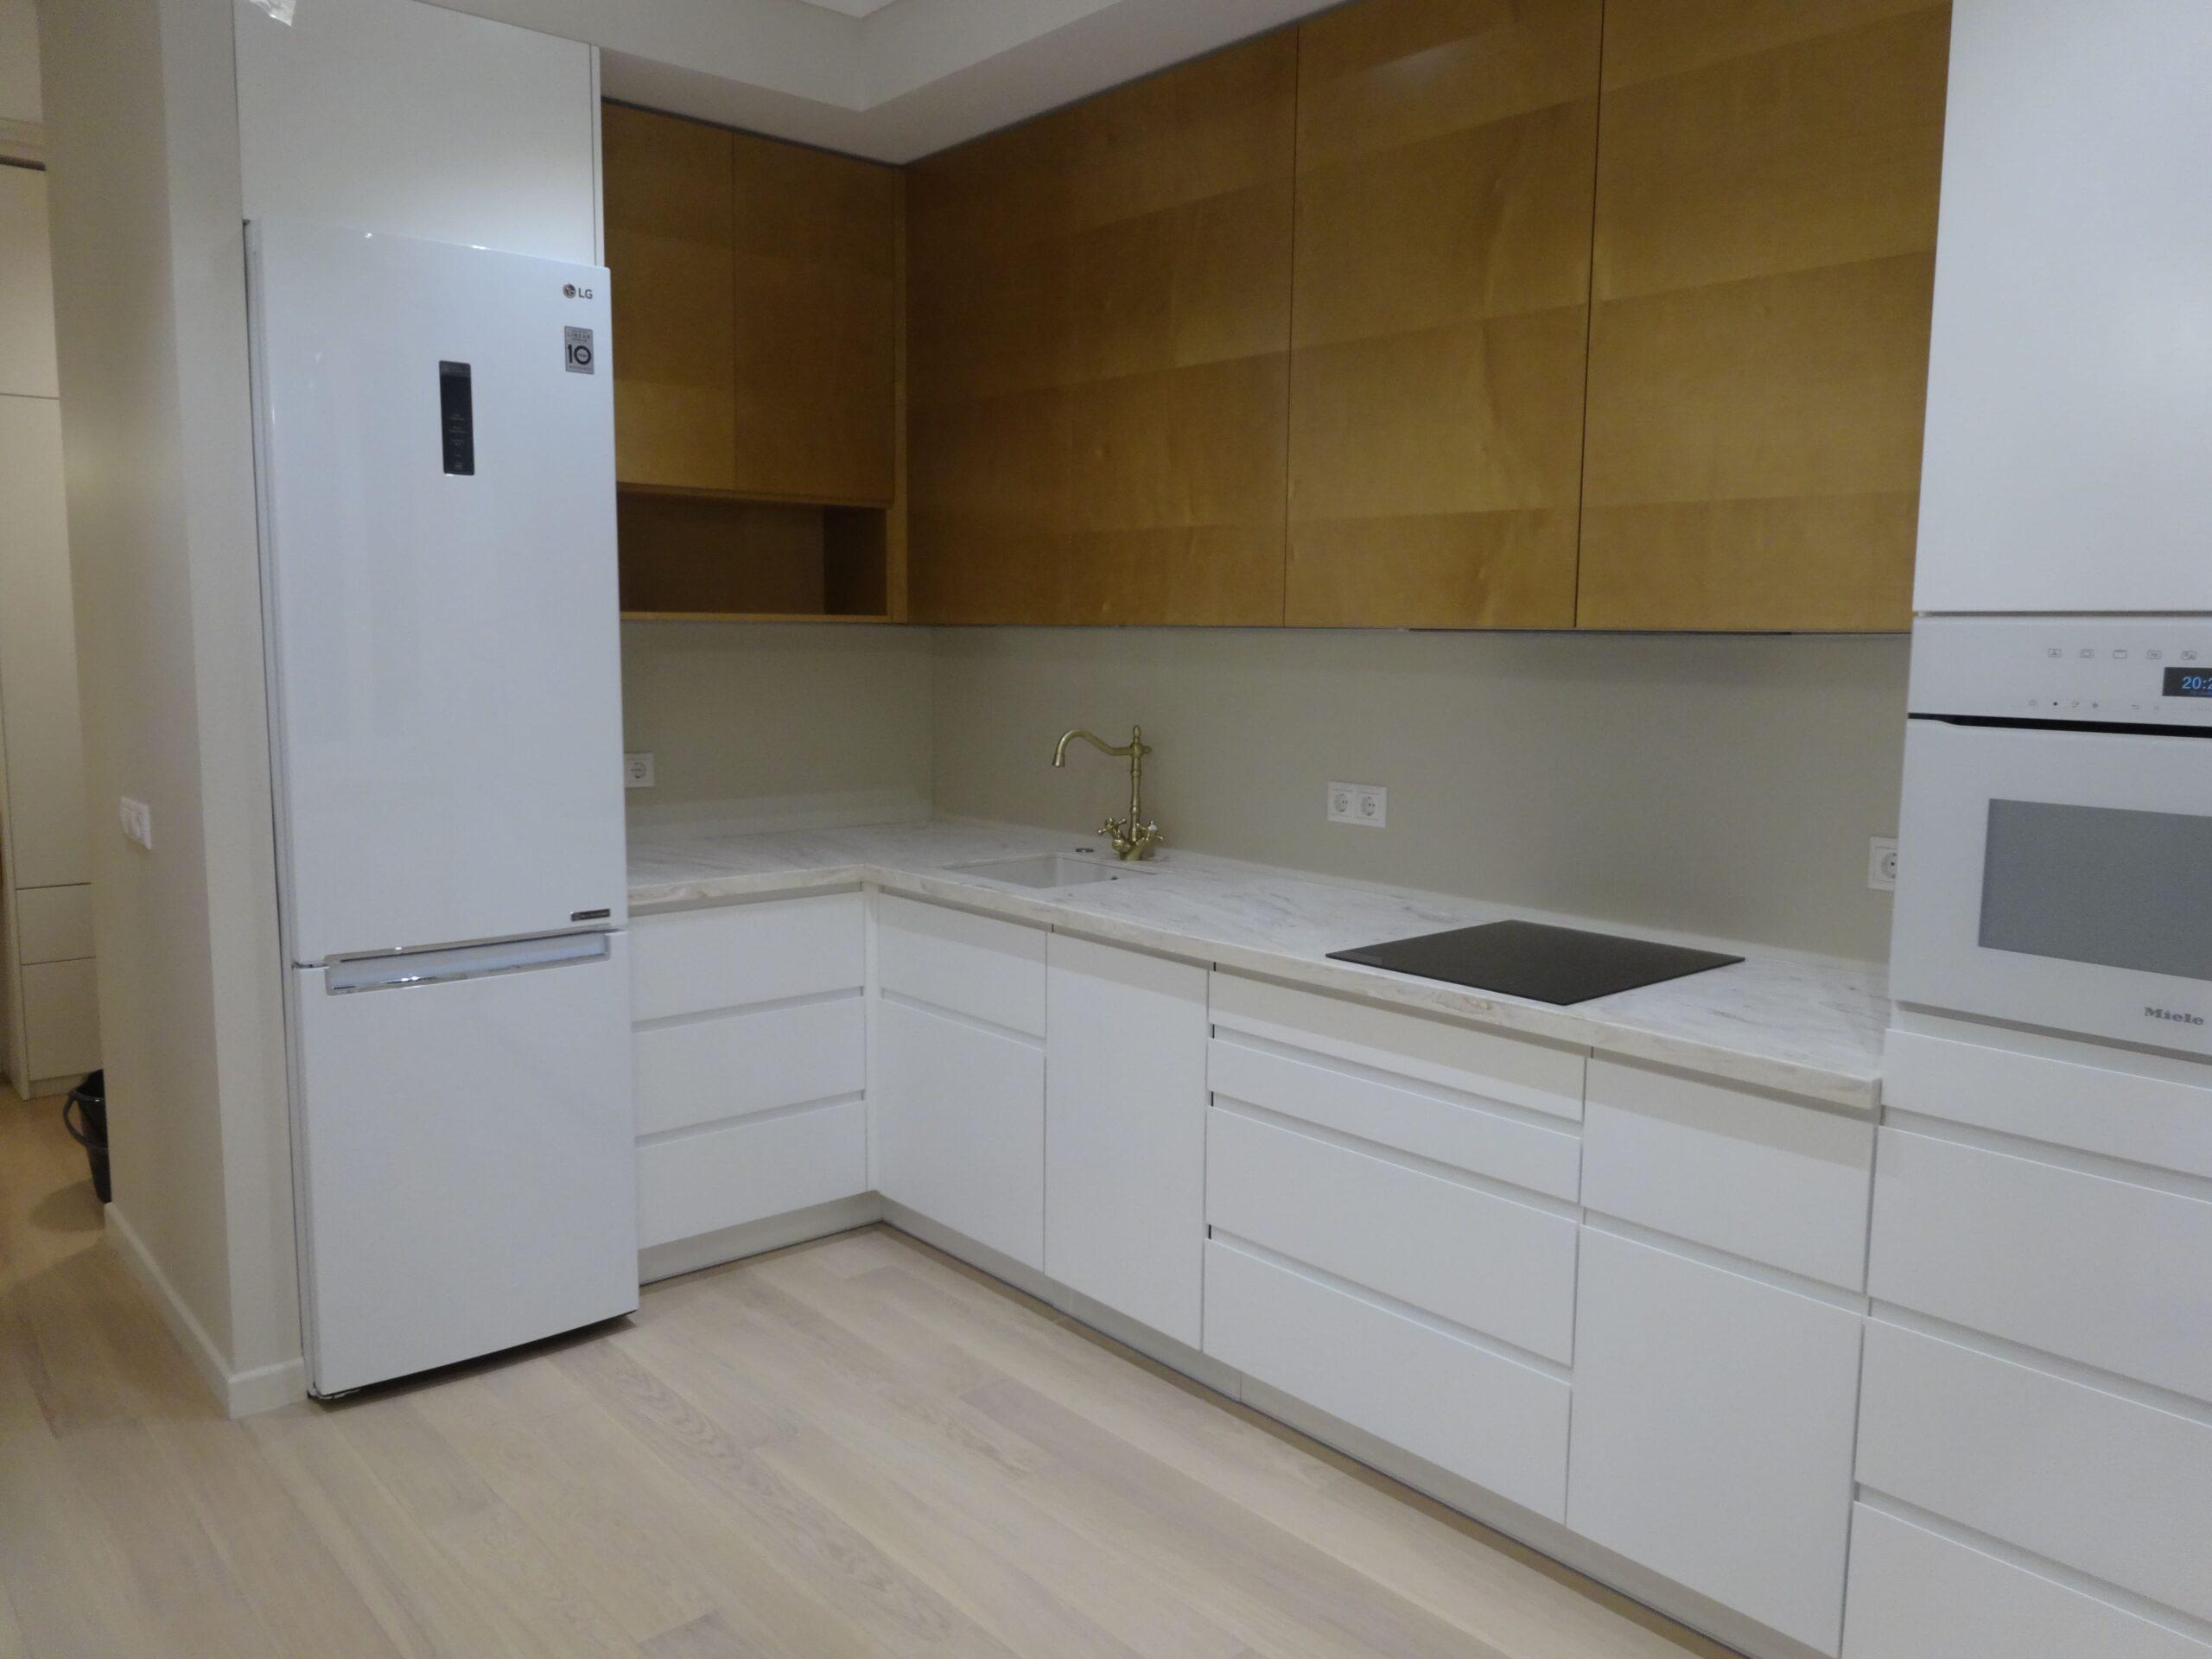 ремонт кухни в жк Прайм Тайм